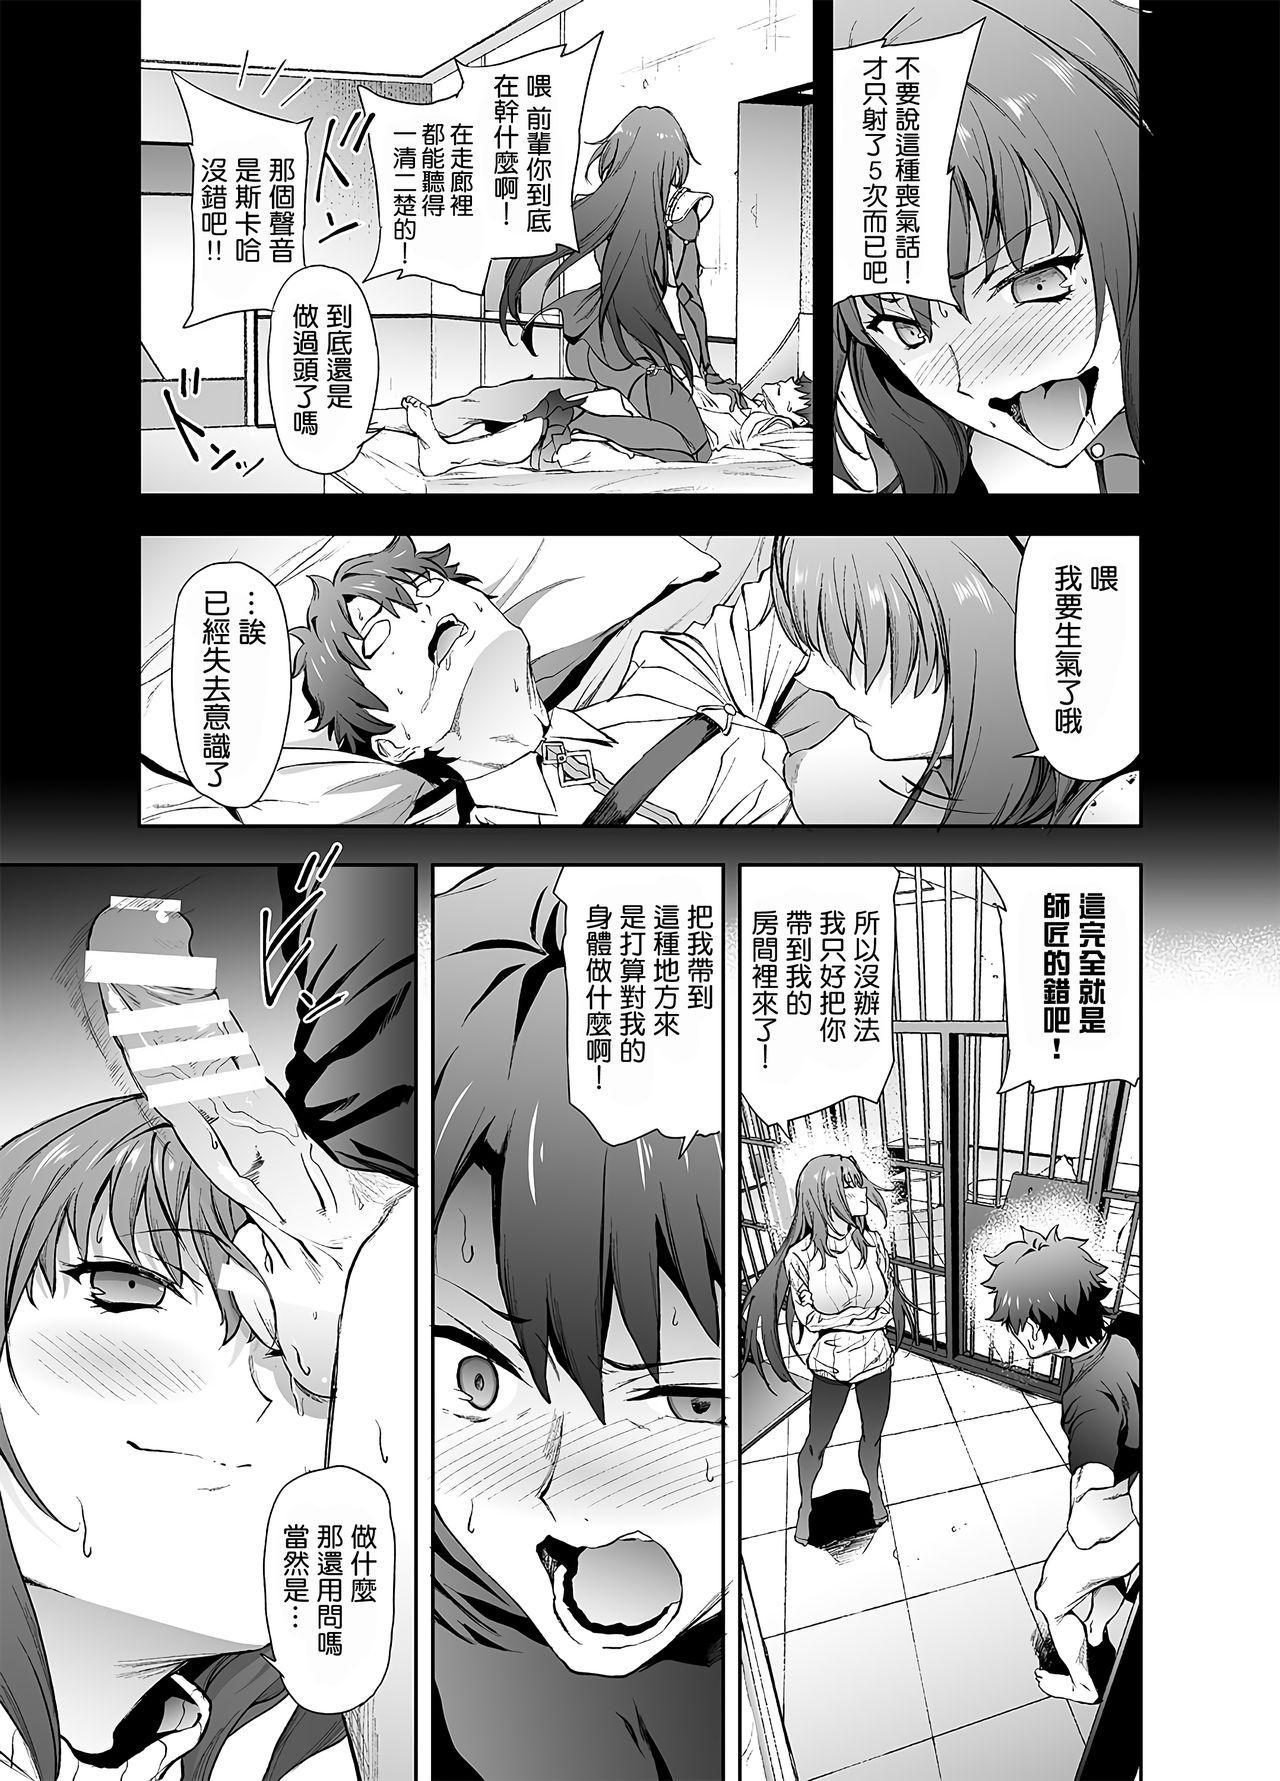 Scathach-shishou ni Okasareru Hon 2 4